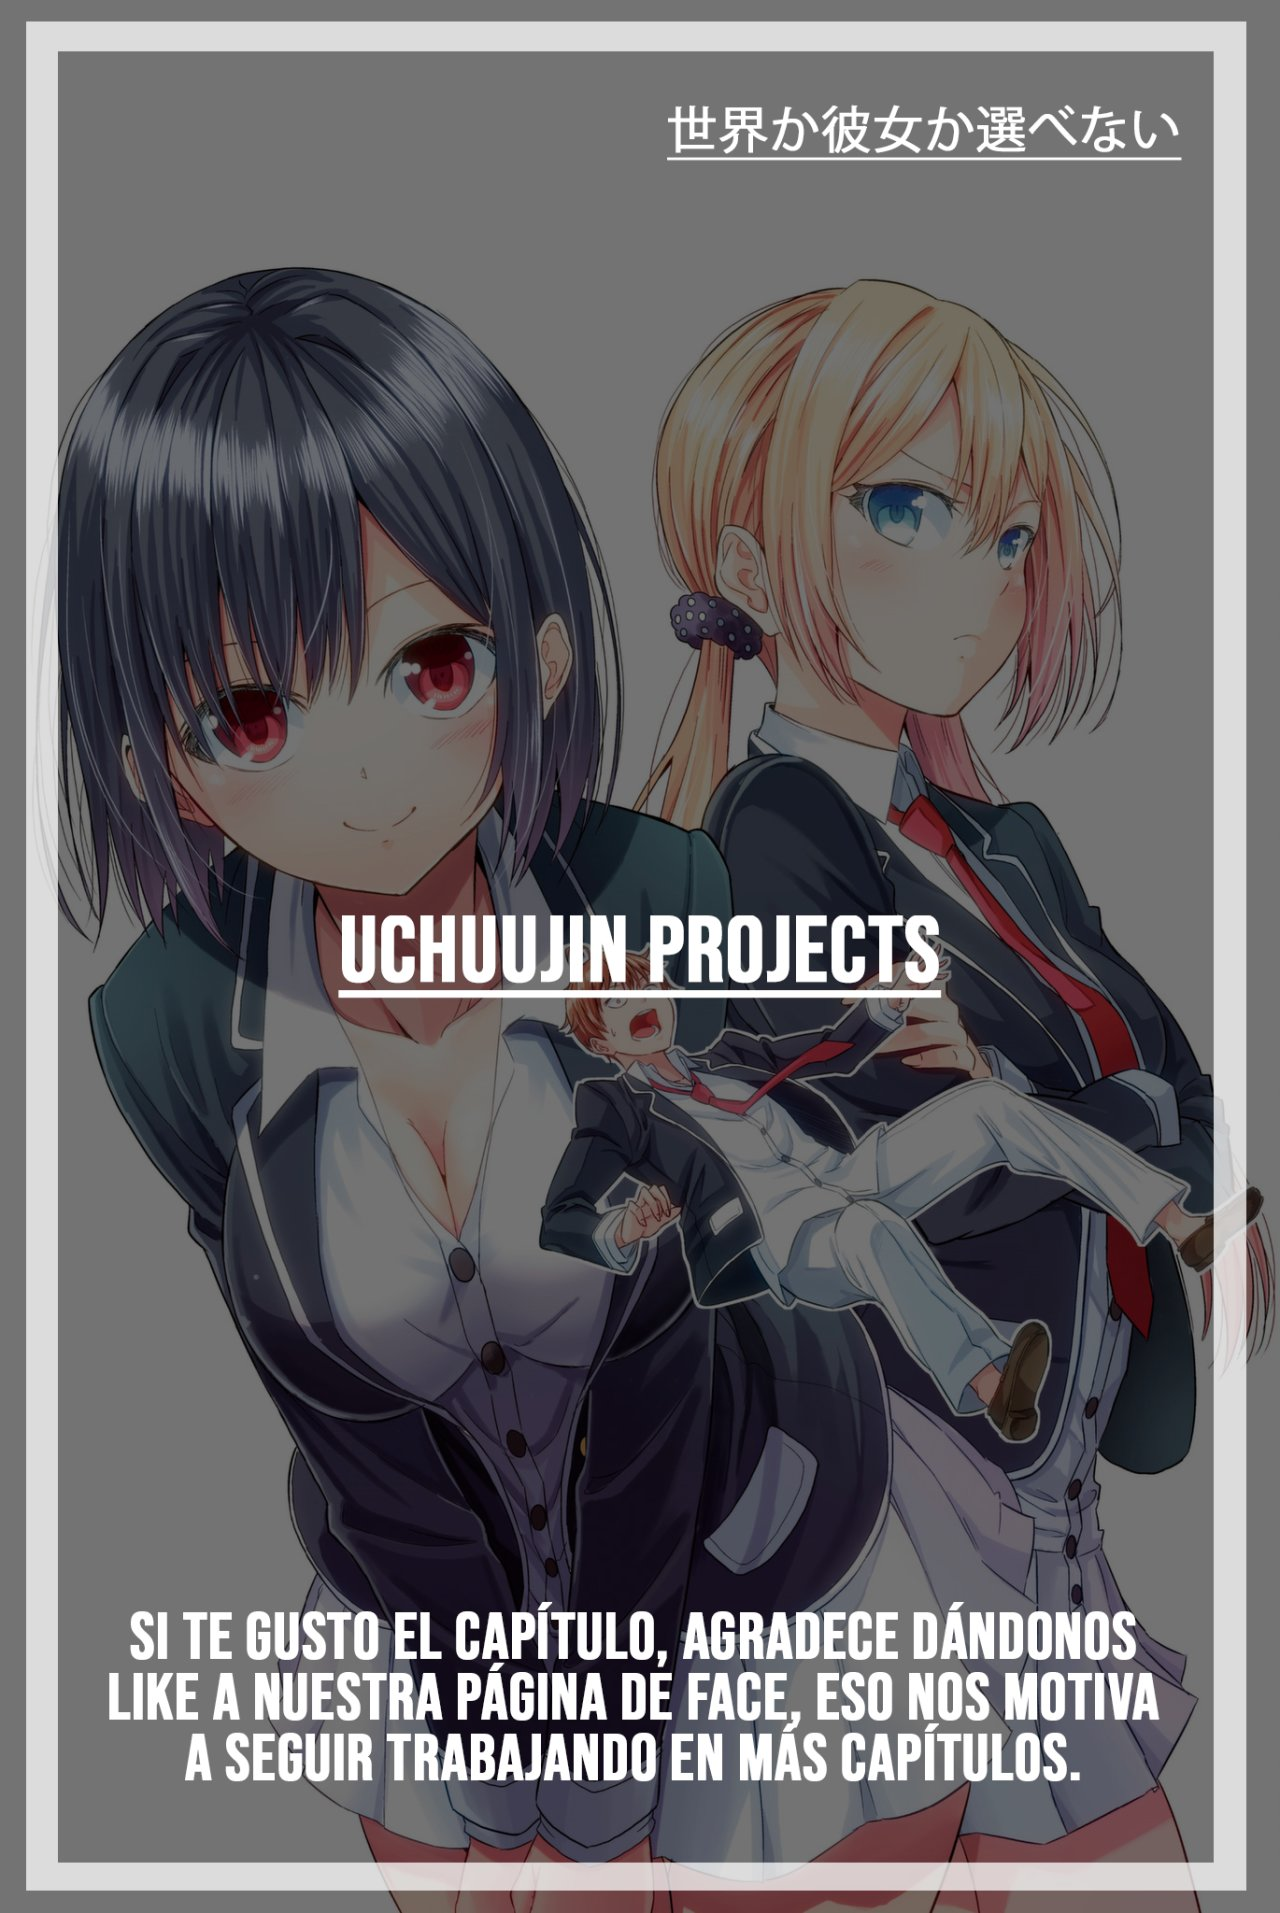 https://nine.mangadogs.com/es_manga/pic8/48/36656/946258/c414093ef0e52a9437267acfcb481dbe.jpg Page 23